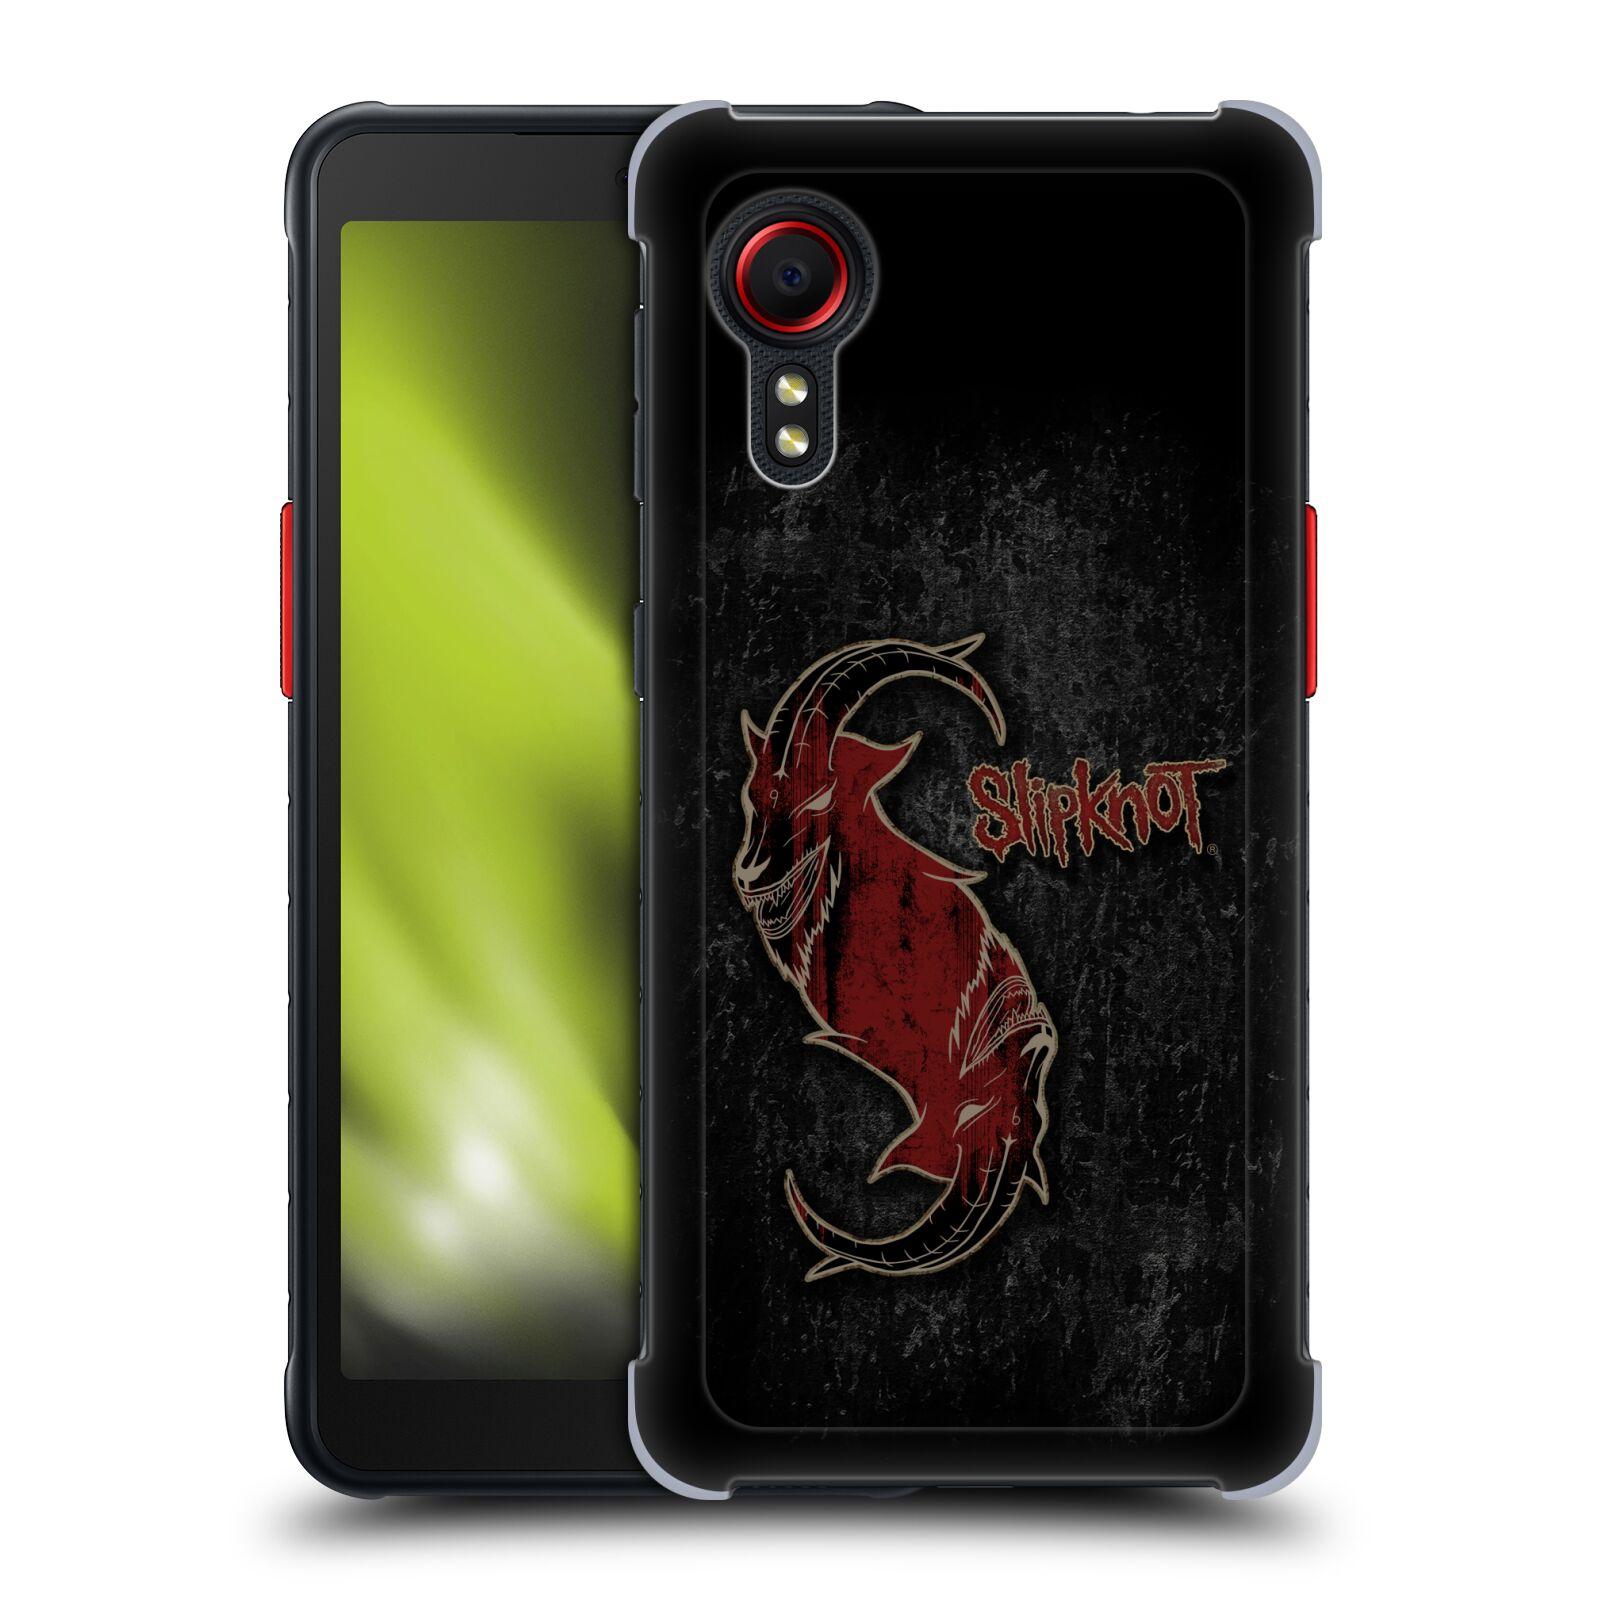 Plastové pouzdro na mobil Samsung Galaxy Xcover 5 - Head Case - Slipknot - Rudý kozel